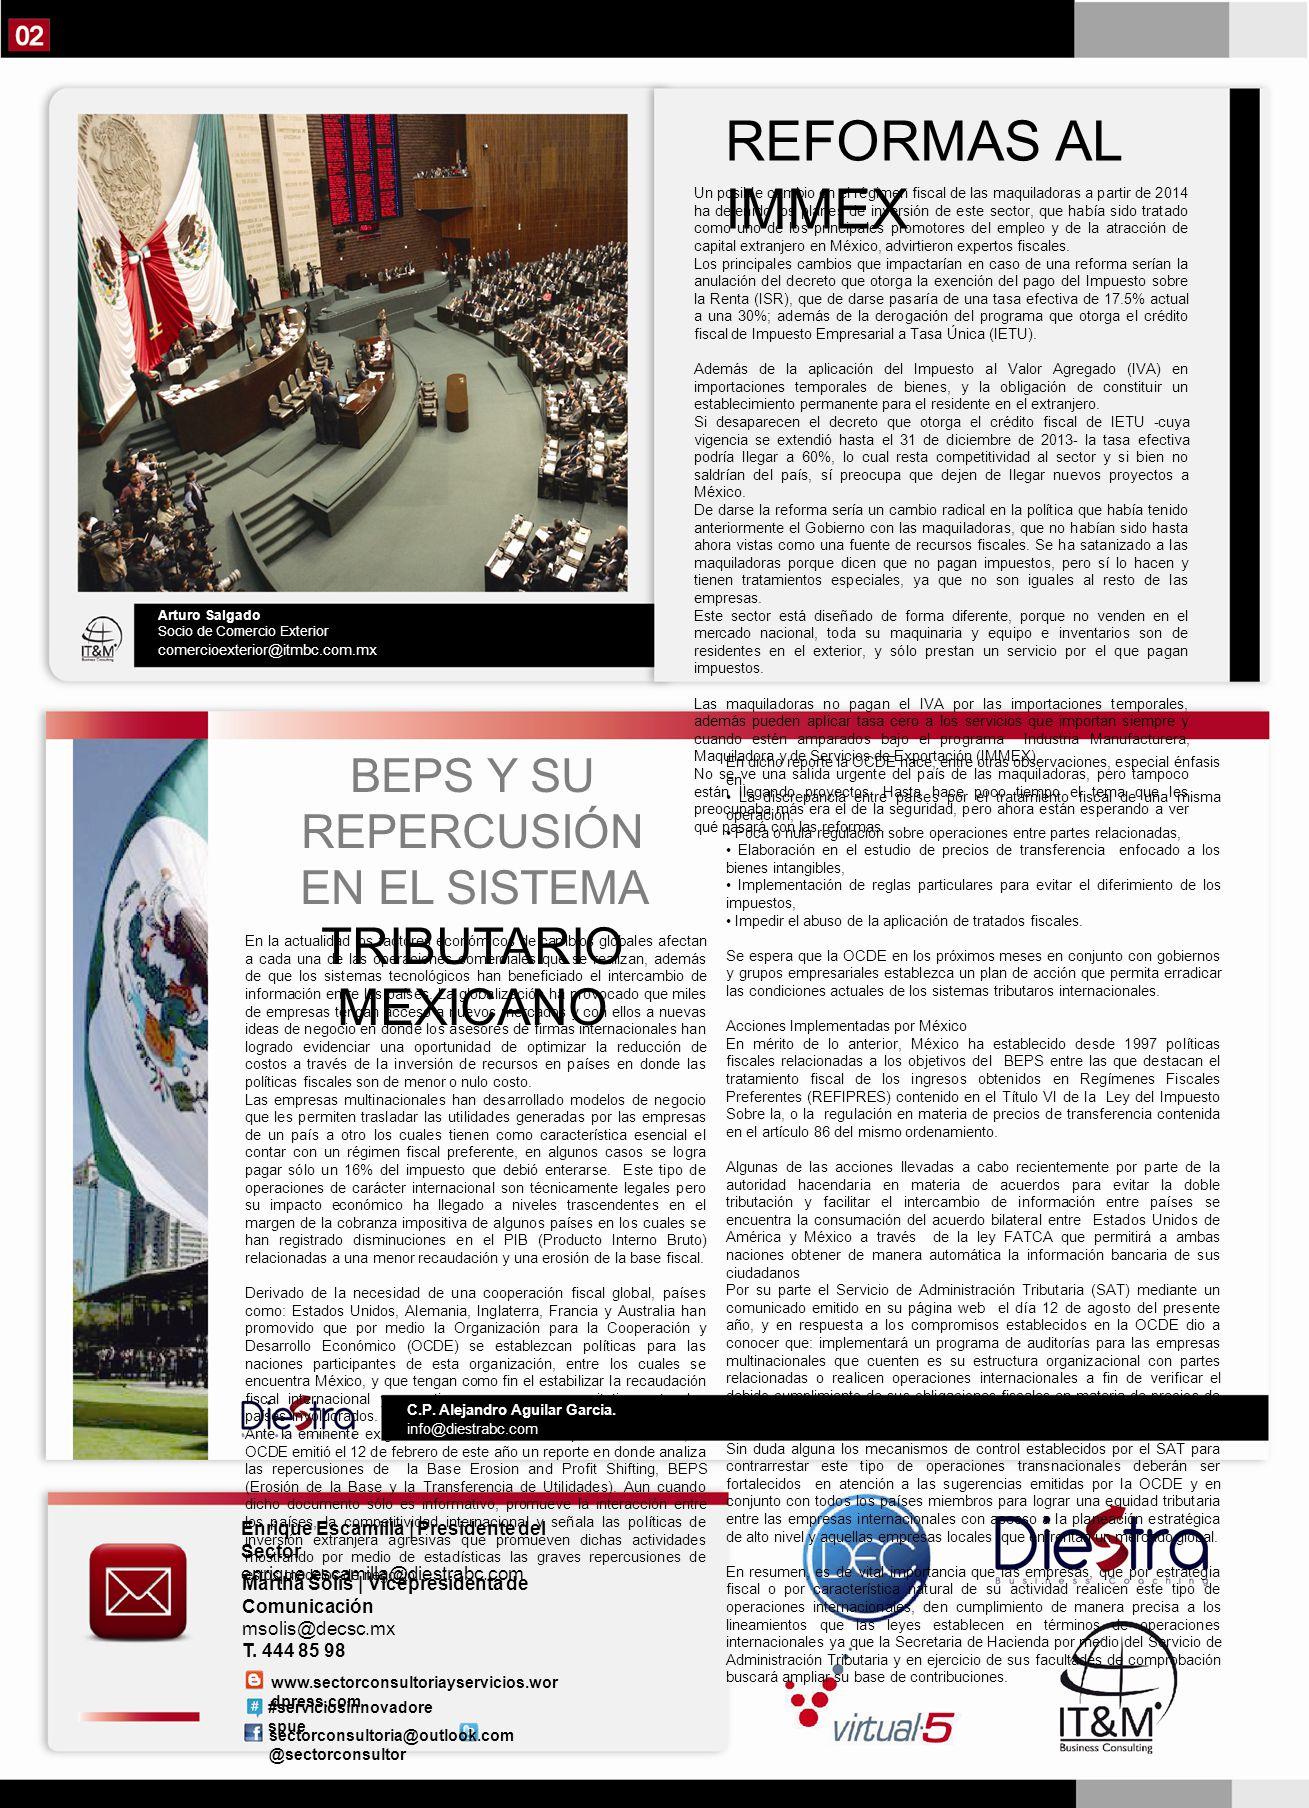 REFORMAS AL IMMEX Un posible cambio en el régimen fiscal de las maquiladoras a partir de 2014 ha detenido los planes de inversión de este sector, que